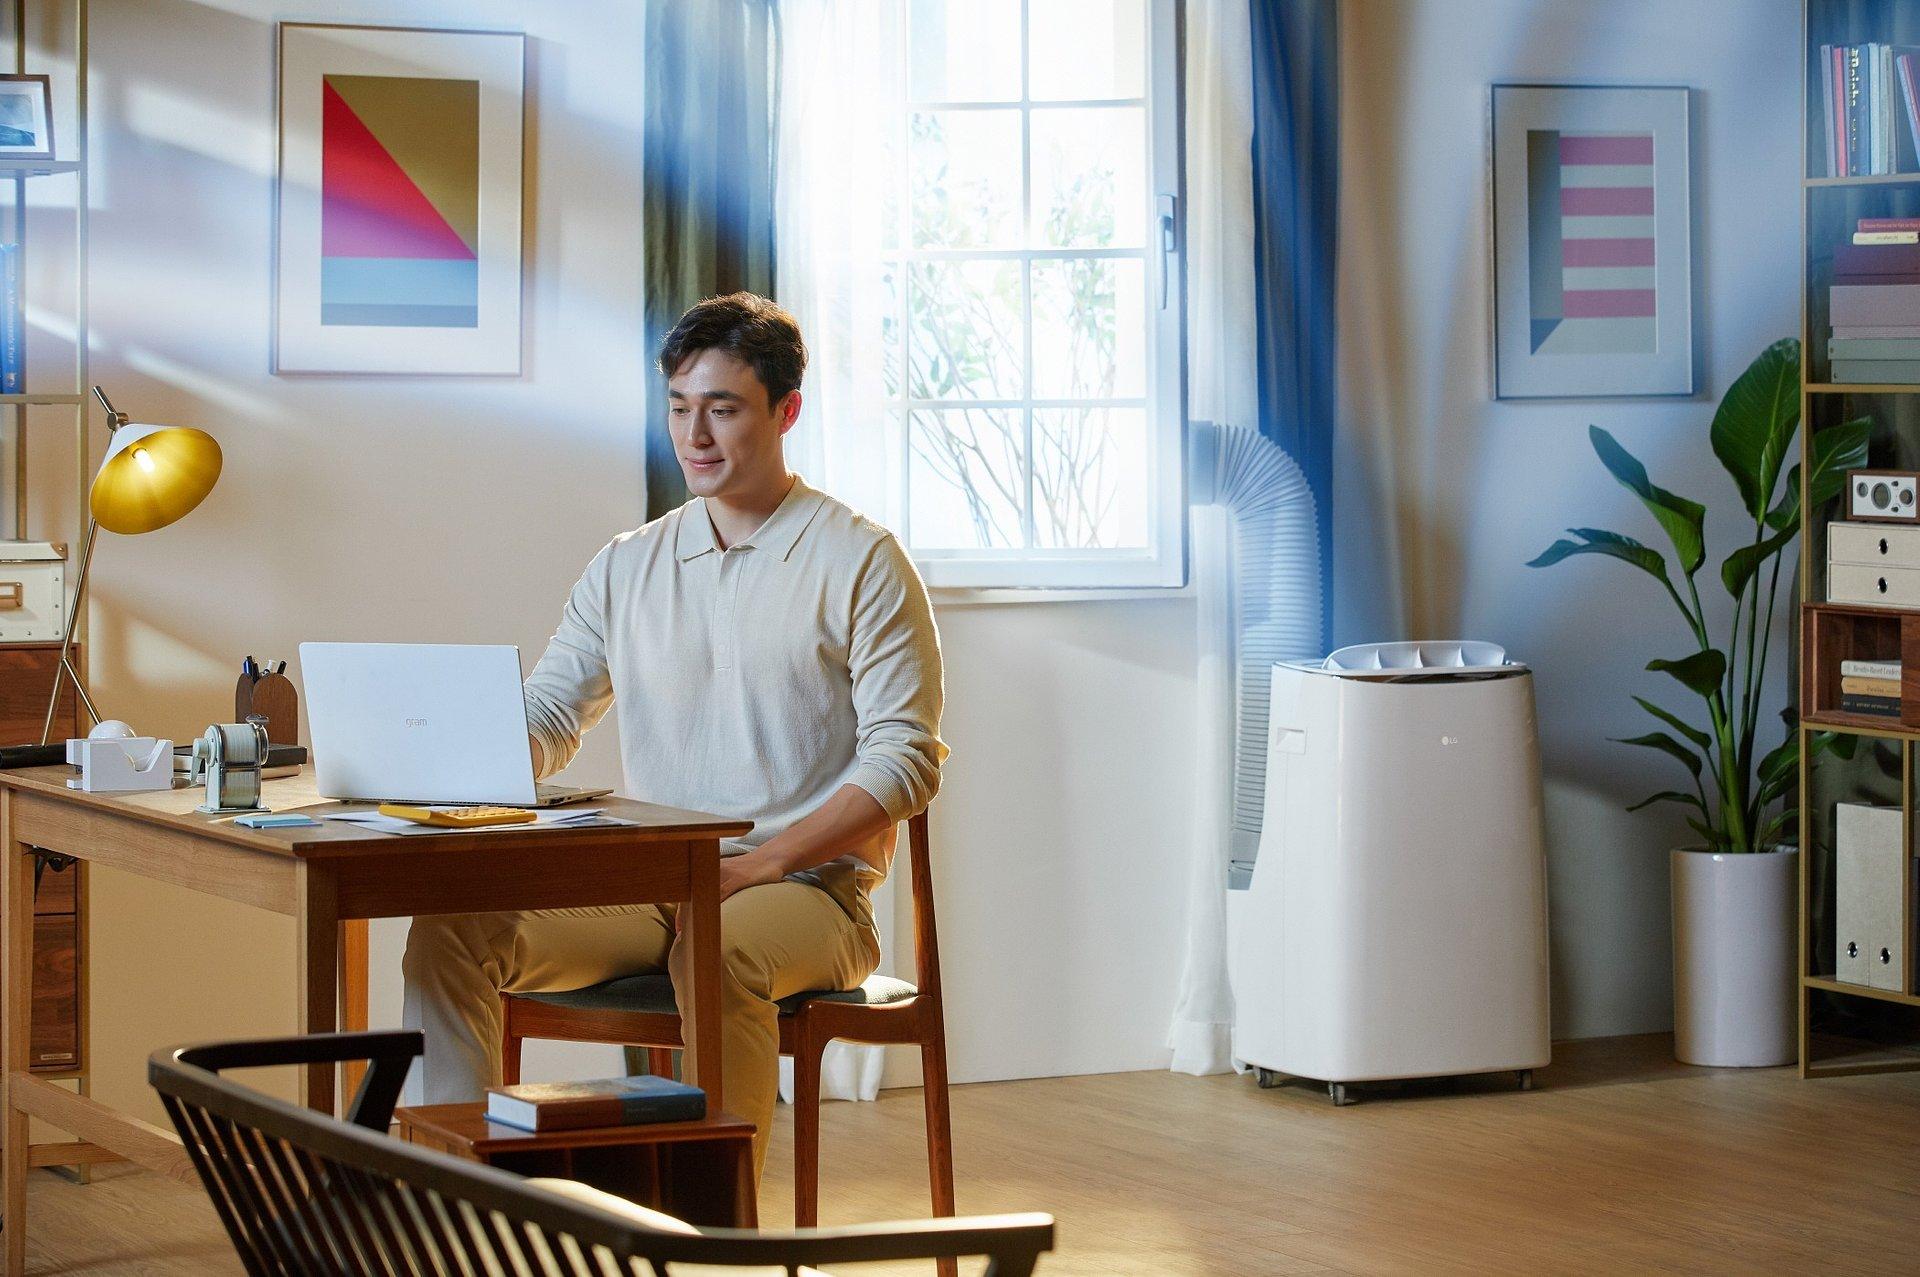 Przenośny klimatyzator LG DUAL Inverter zapewnia wydajne chłodzenie każdego pomieszczenia